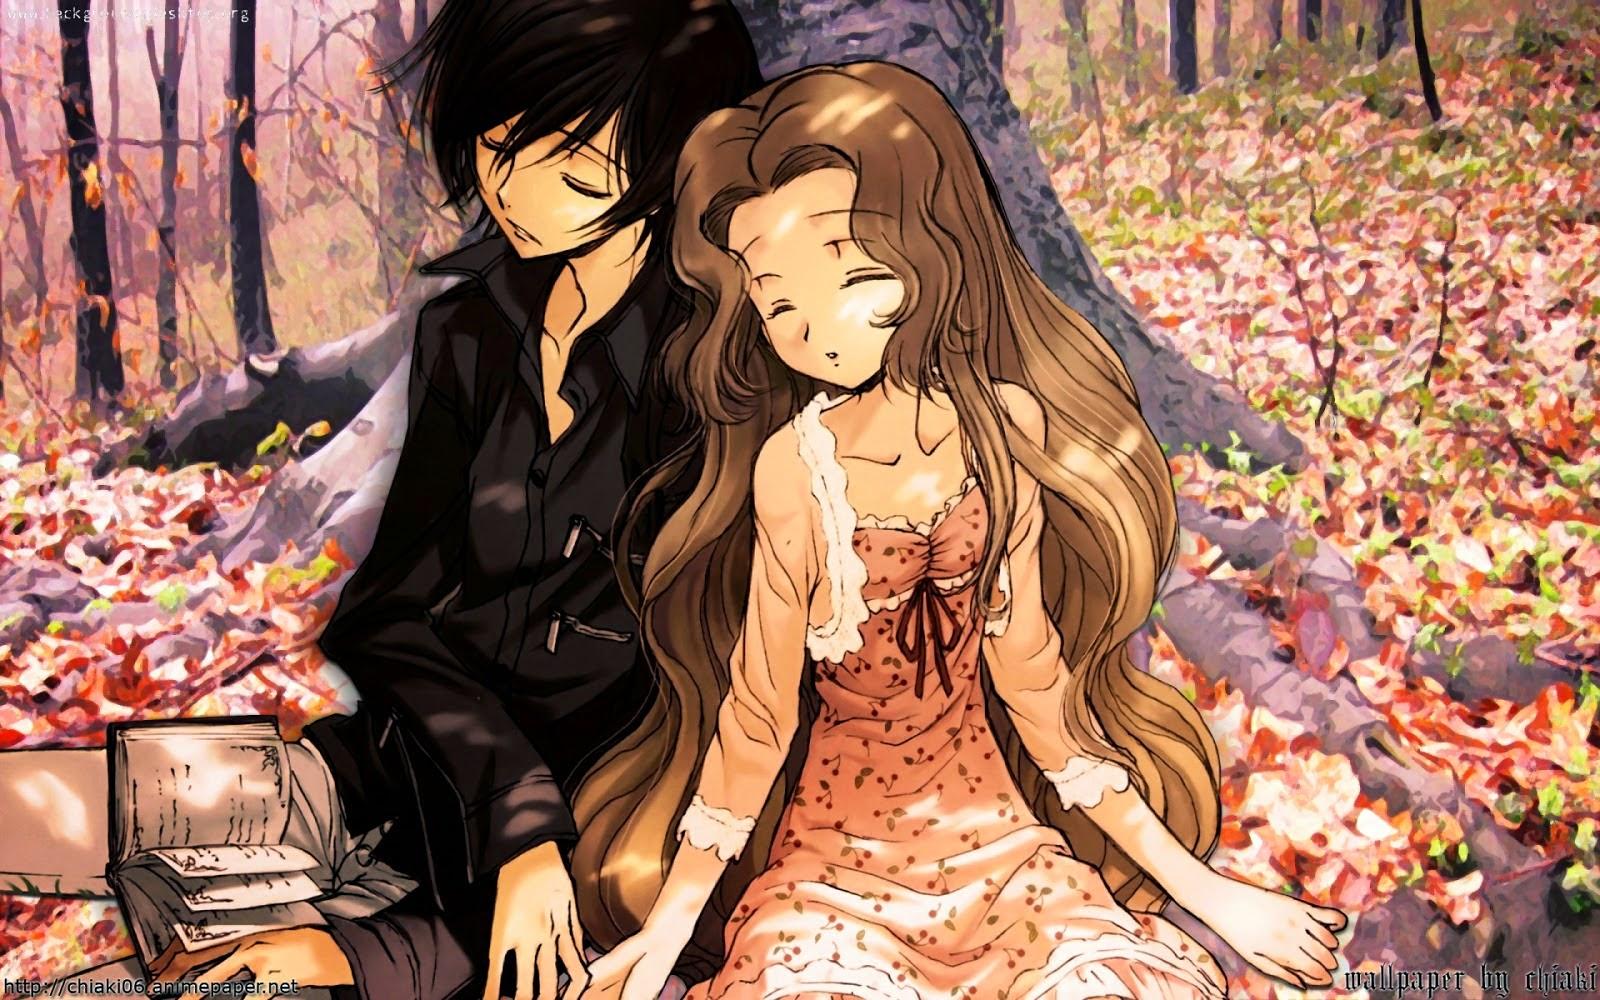 tải ảnh nền anime tình yêu đẹp nhất